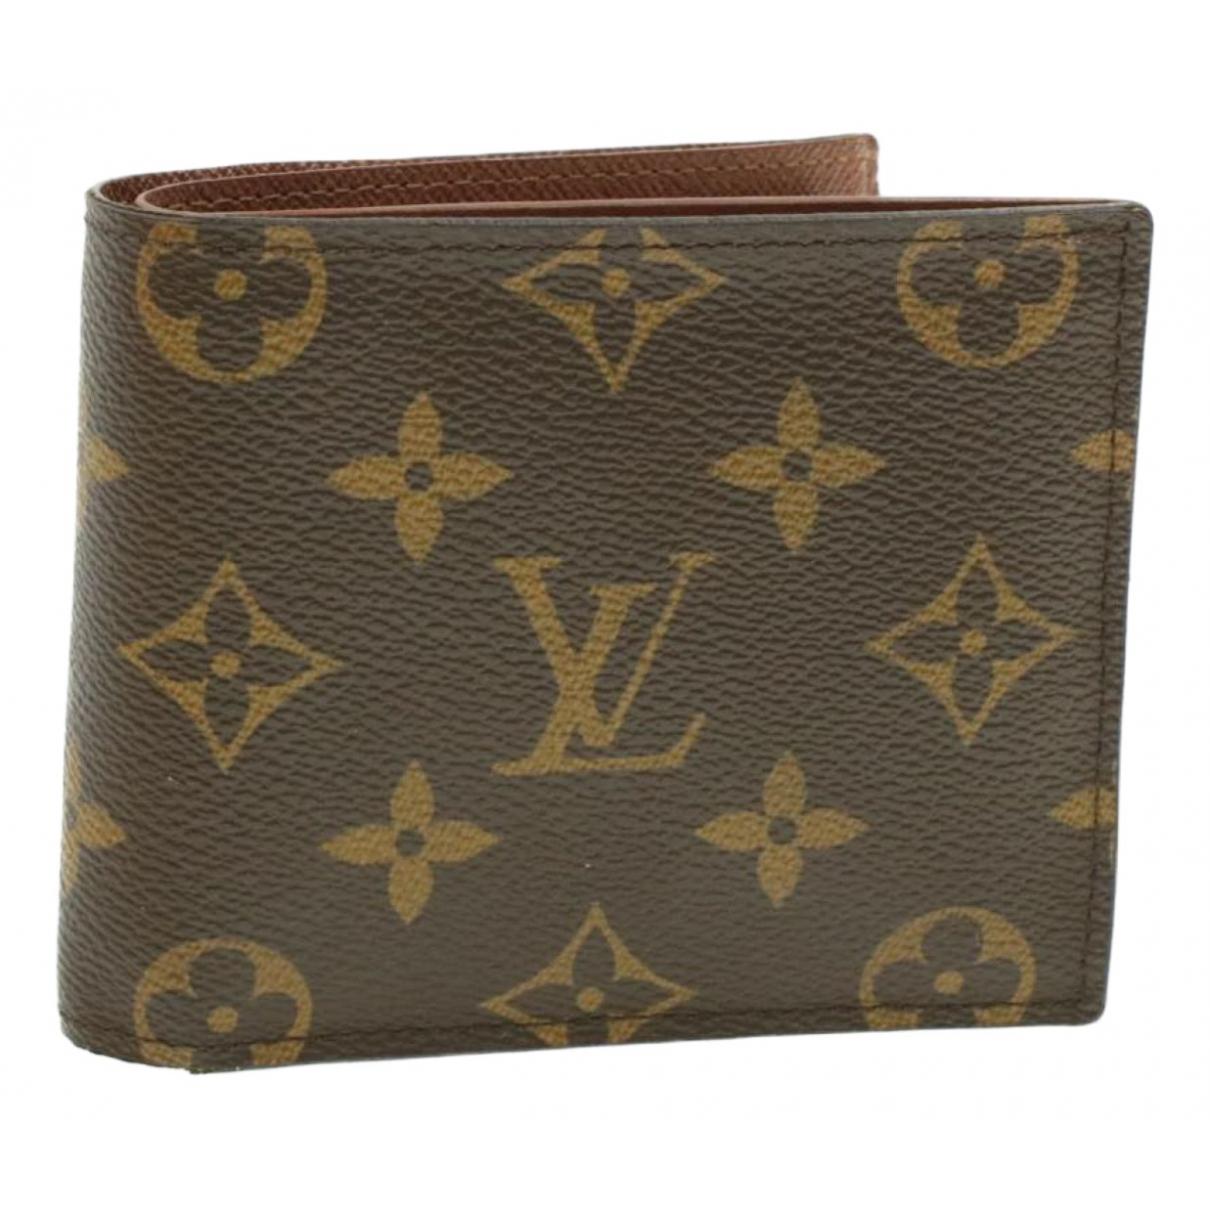 Louis Vuitton \N Brown scarf for Women \N